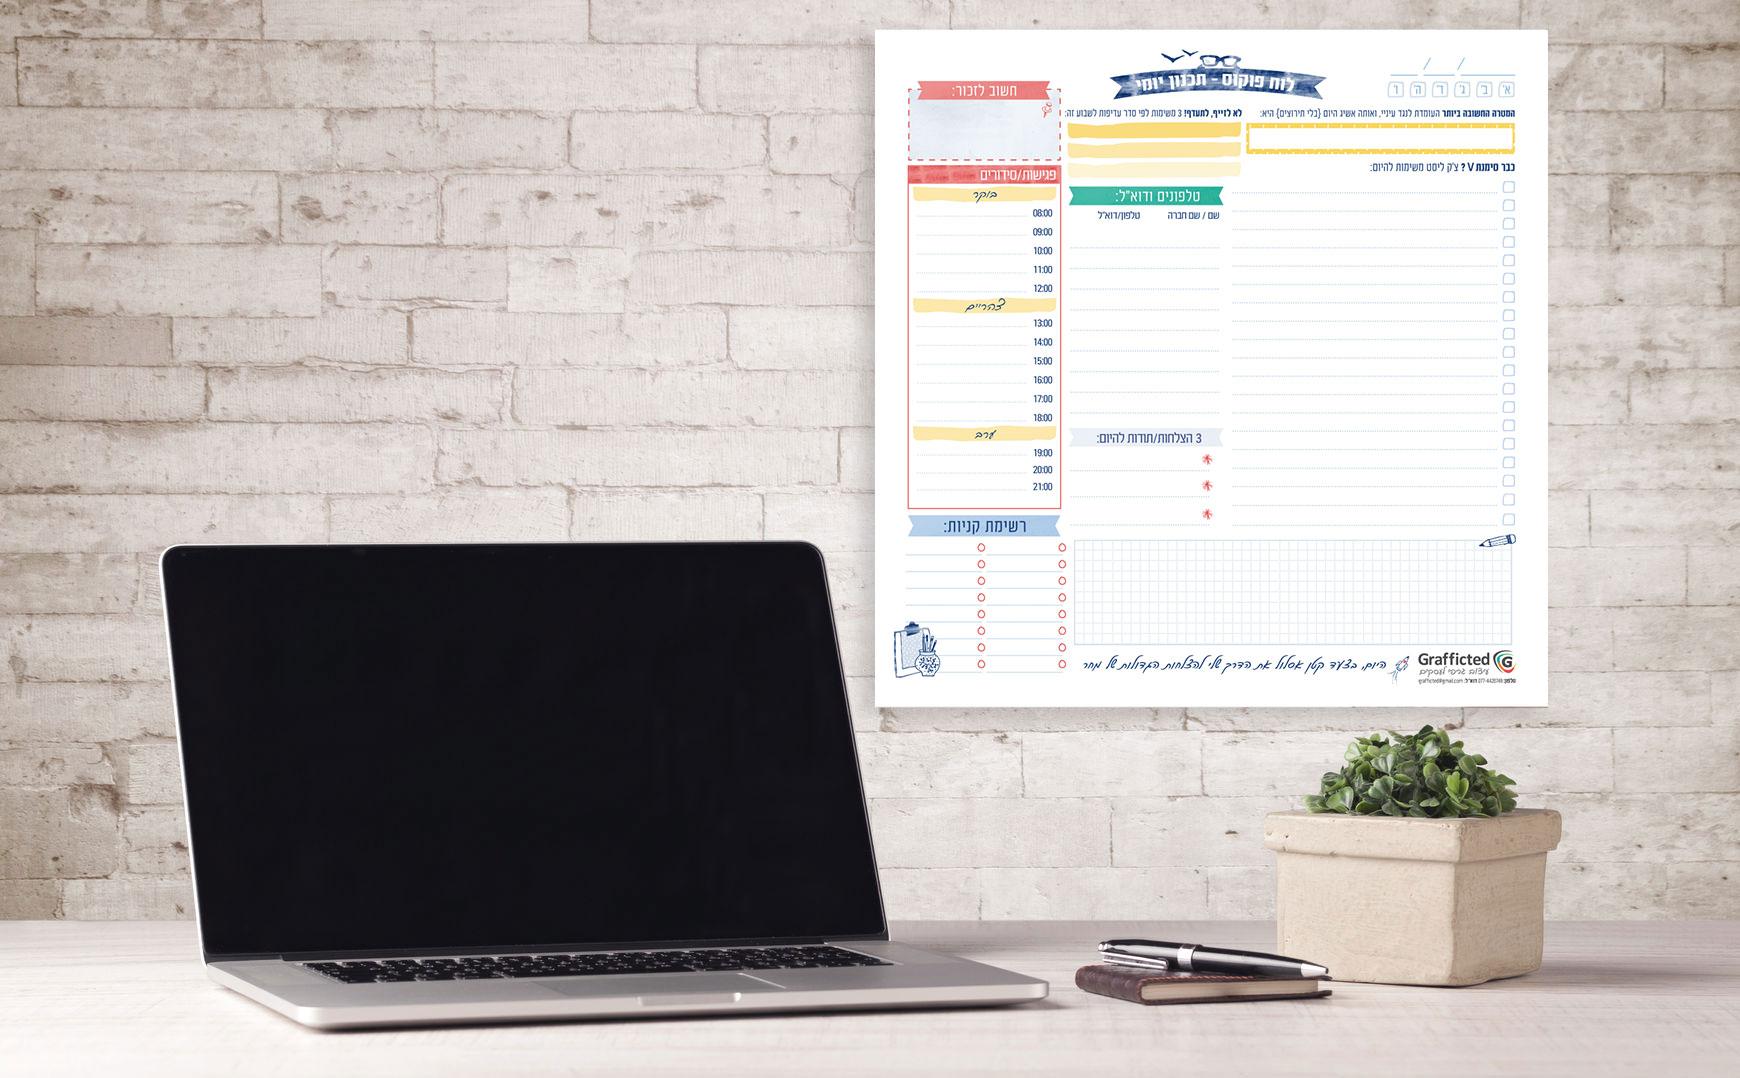 ארגון פוקוס יומי - לוח תכנון יומי מחיק לשימוש רב פעמי